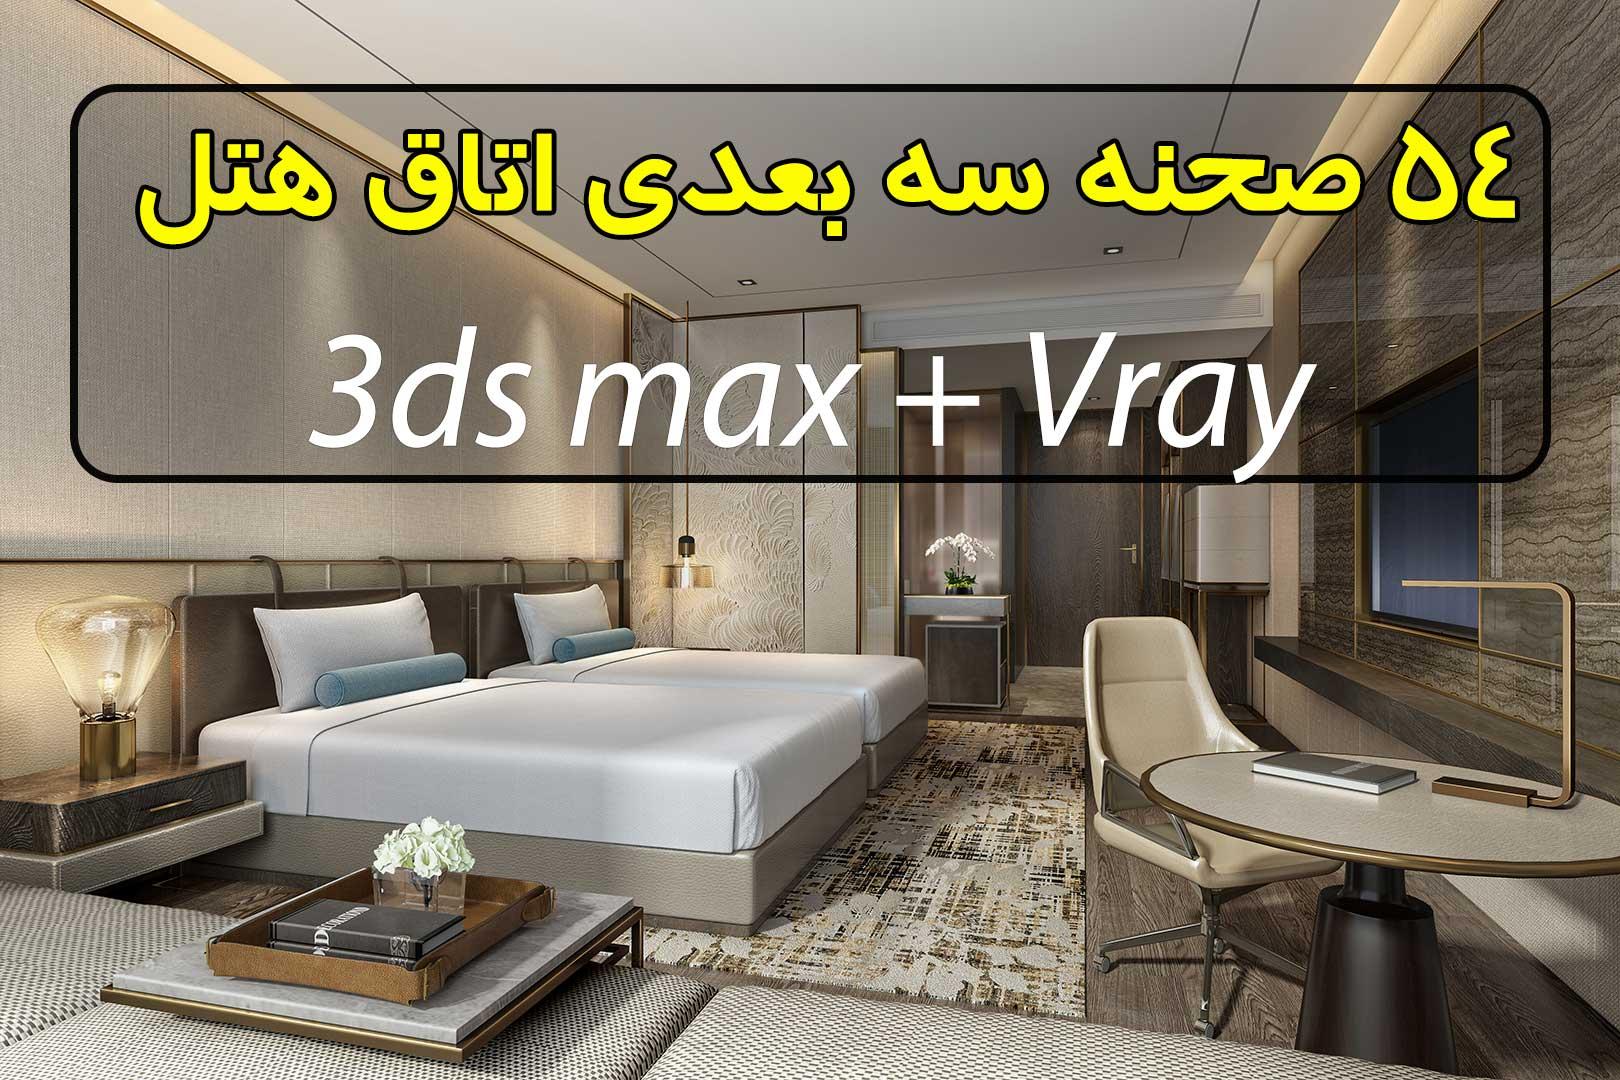 مجموعه 54 صحنه سه بعدی اتاق هتل (فوق حرفه ای)